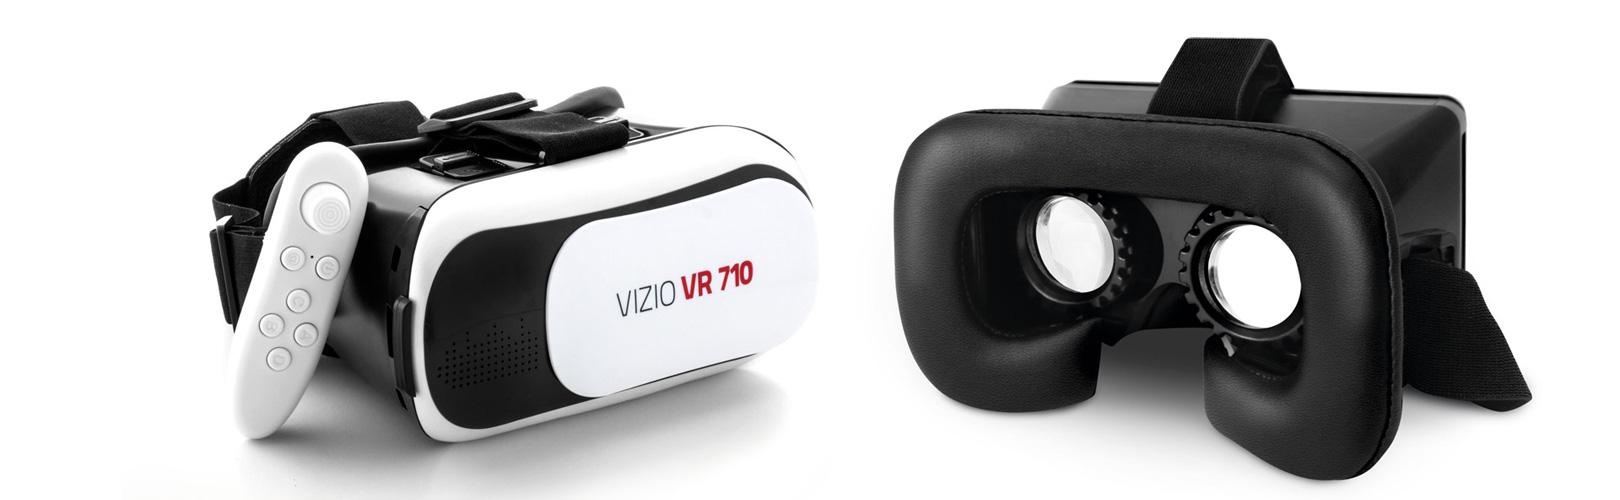 €29 Γυαλιά εικονικής πραγματικότητας VIZIOVR 710